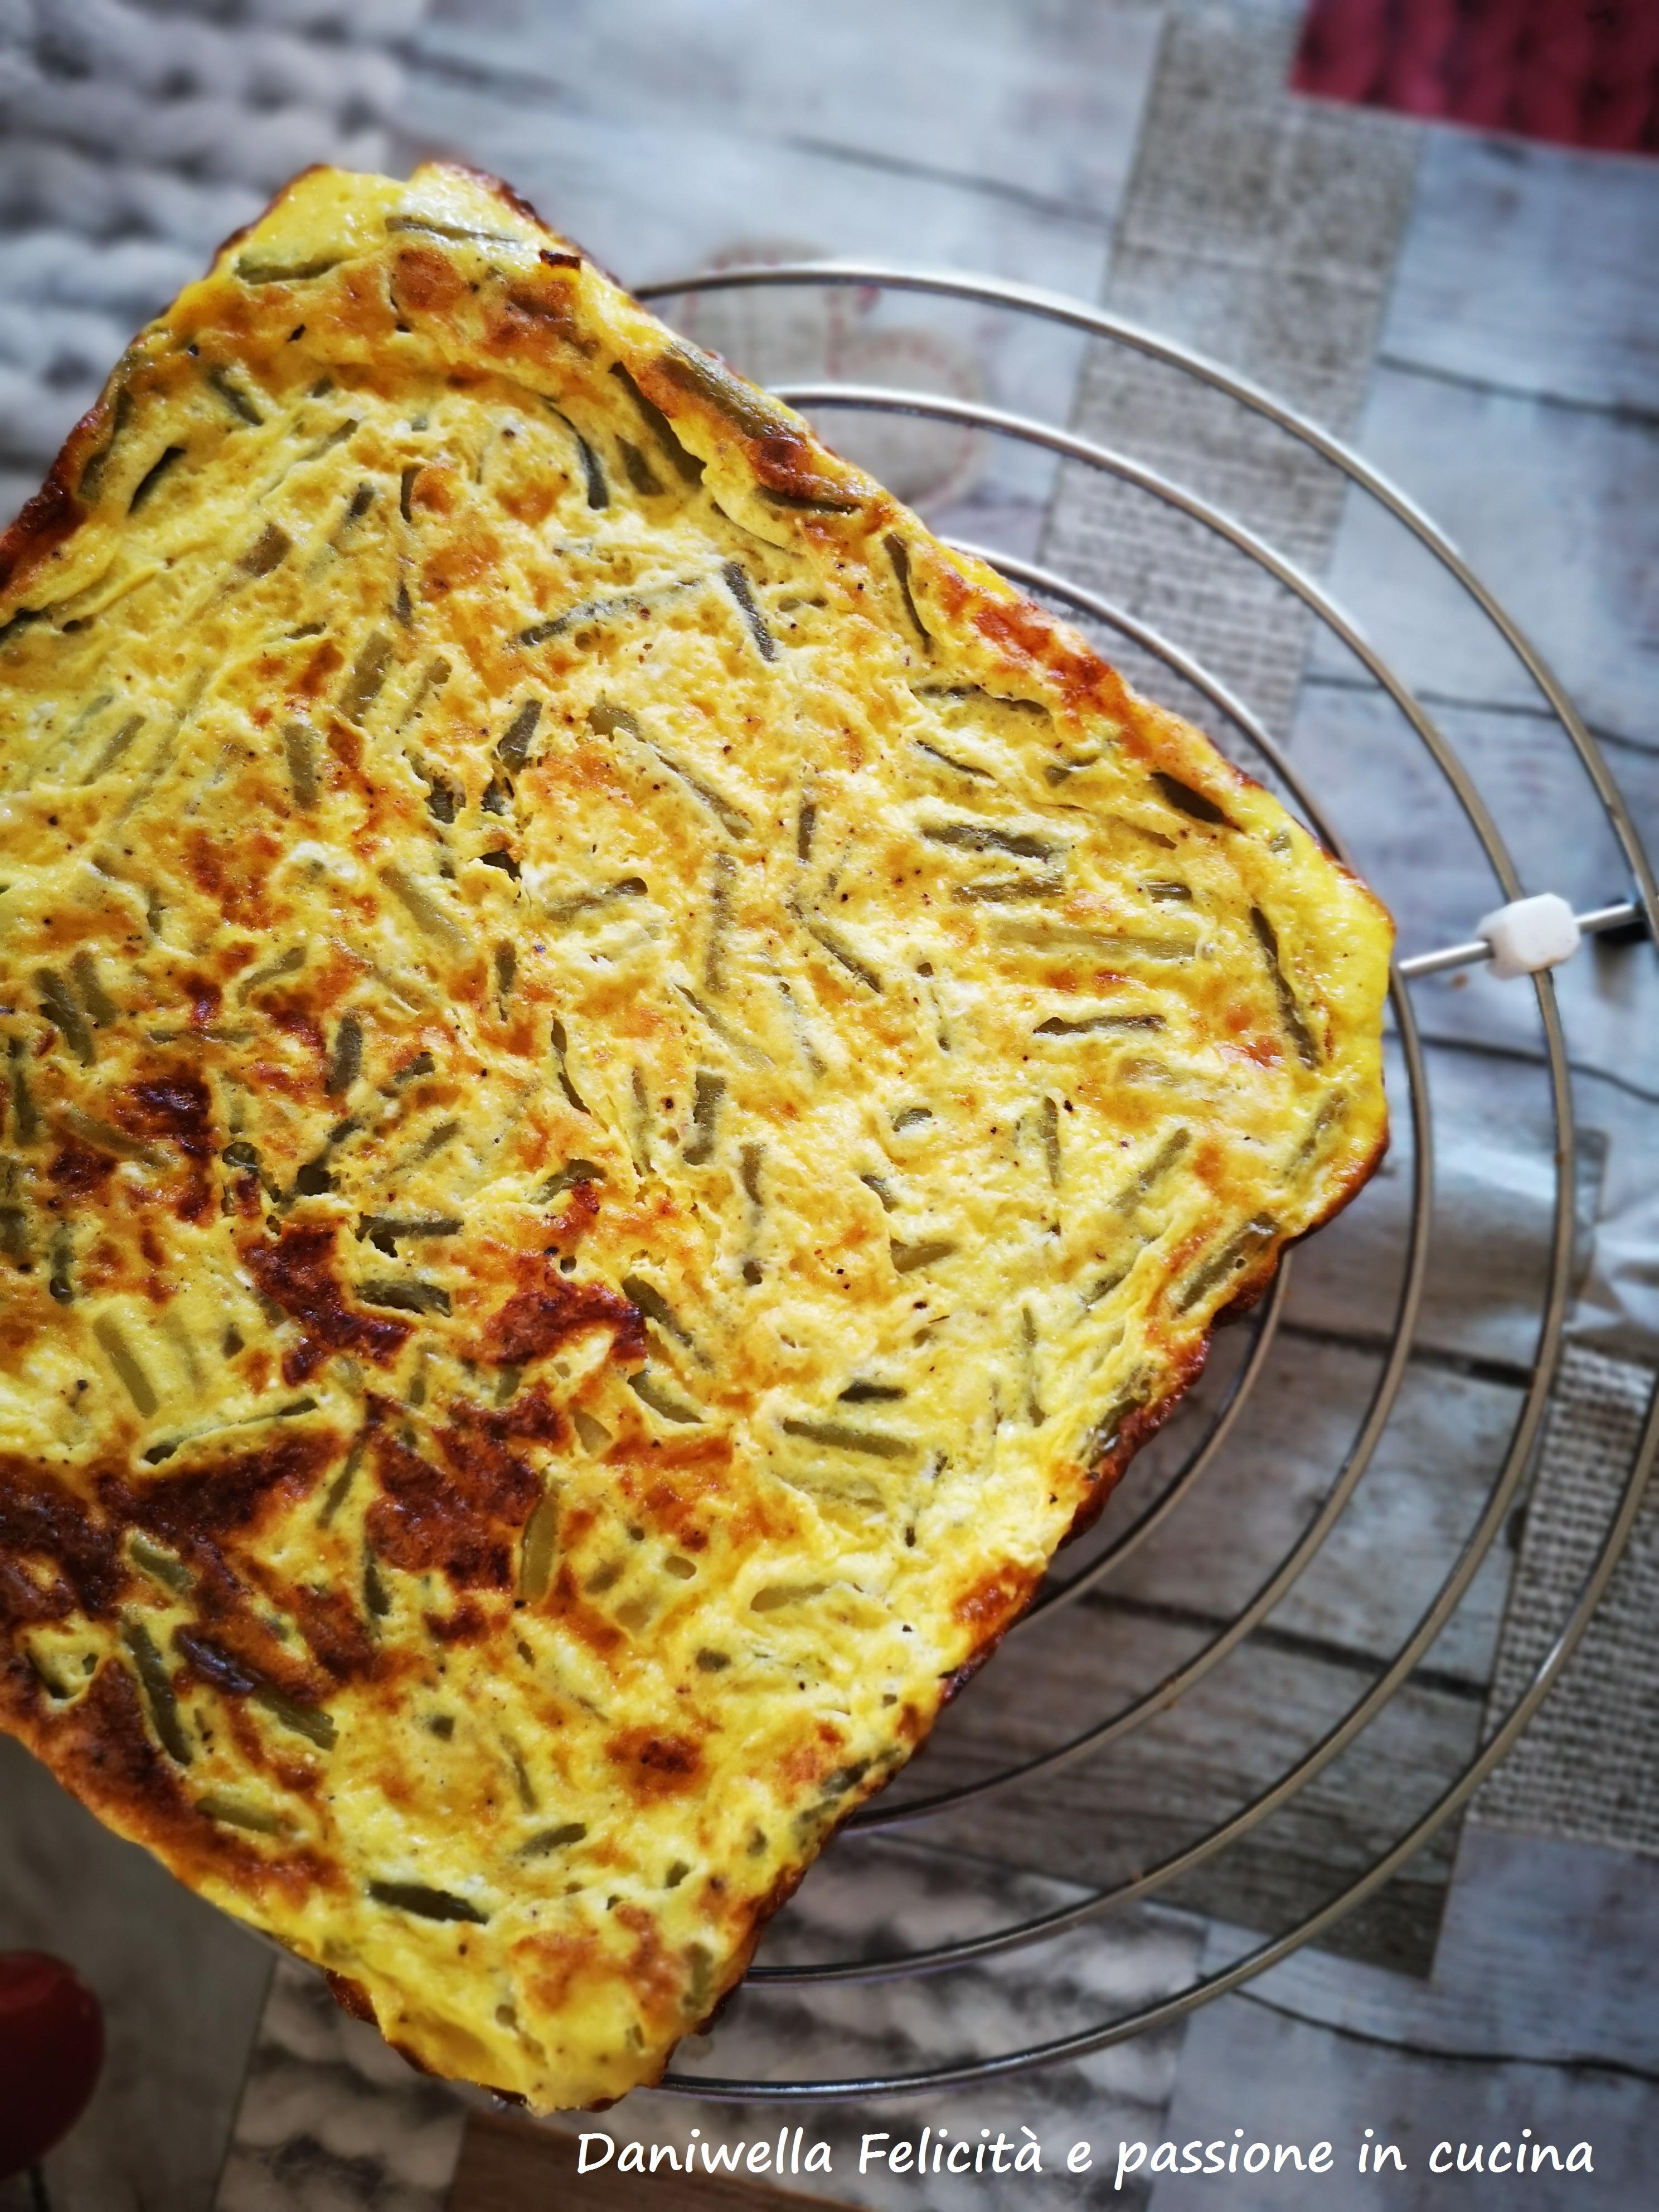 Passato il tempo sfornate la frittata, lasciatela intiepidire dopo di che staccate la carta forno dalla parte inferiore della frittata.